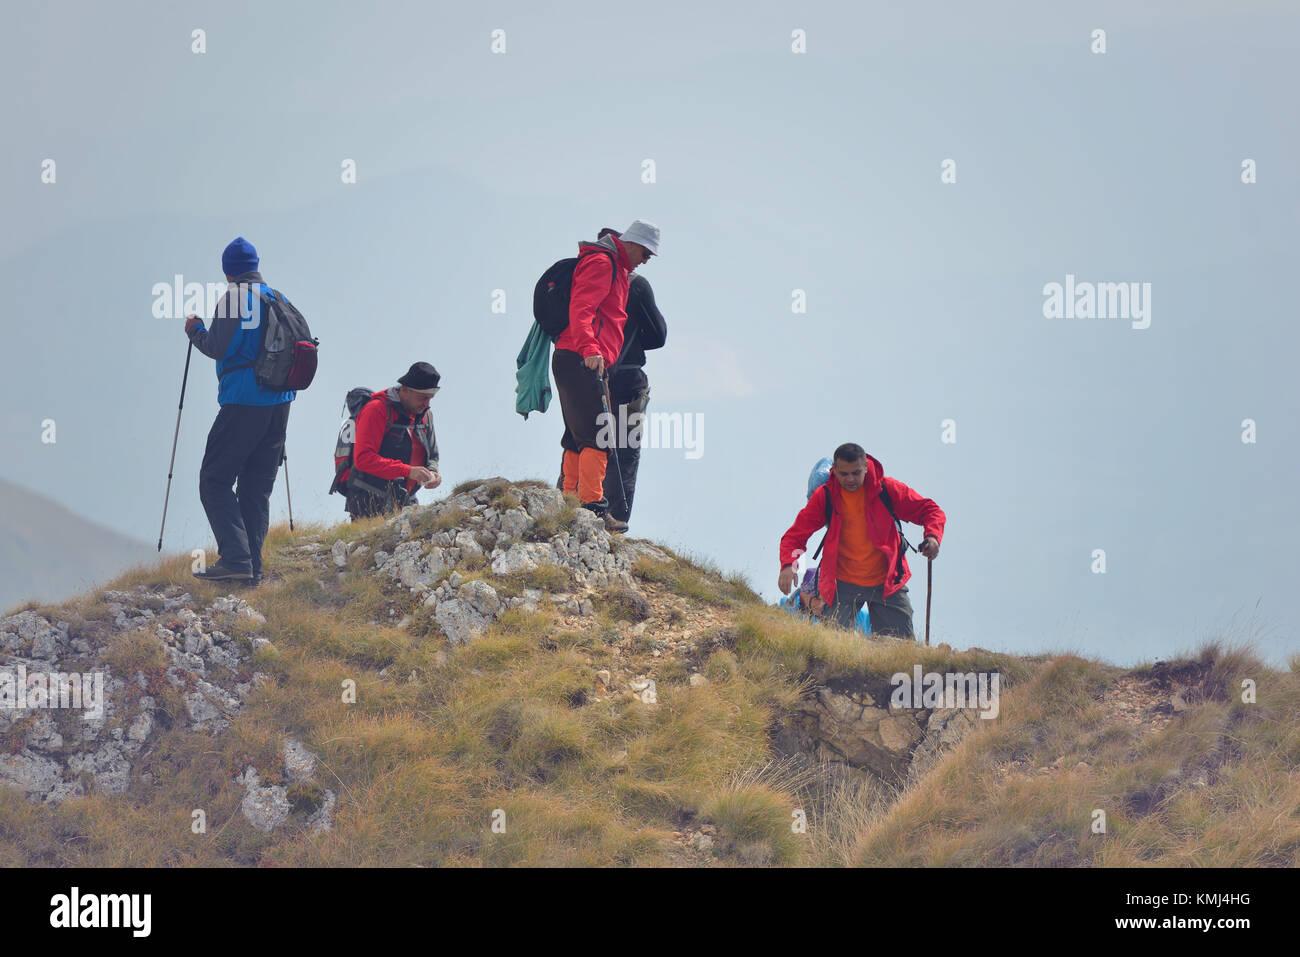 Grupo de personas de diferentes edades y etnicidad caminando por el sendero de montaña durante la caminata Imagen De Stock